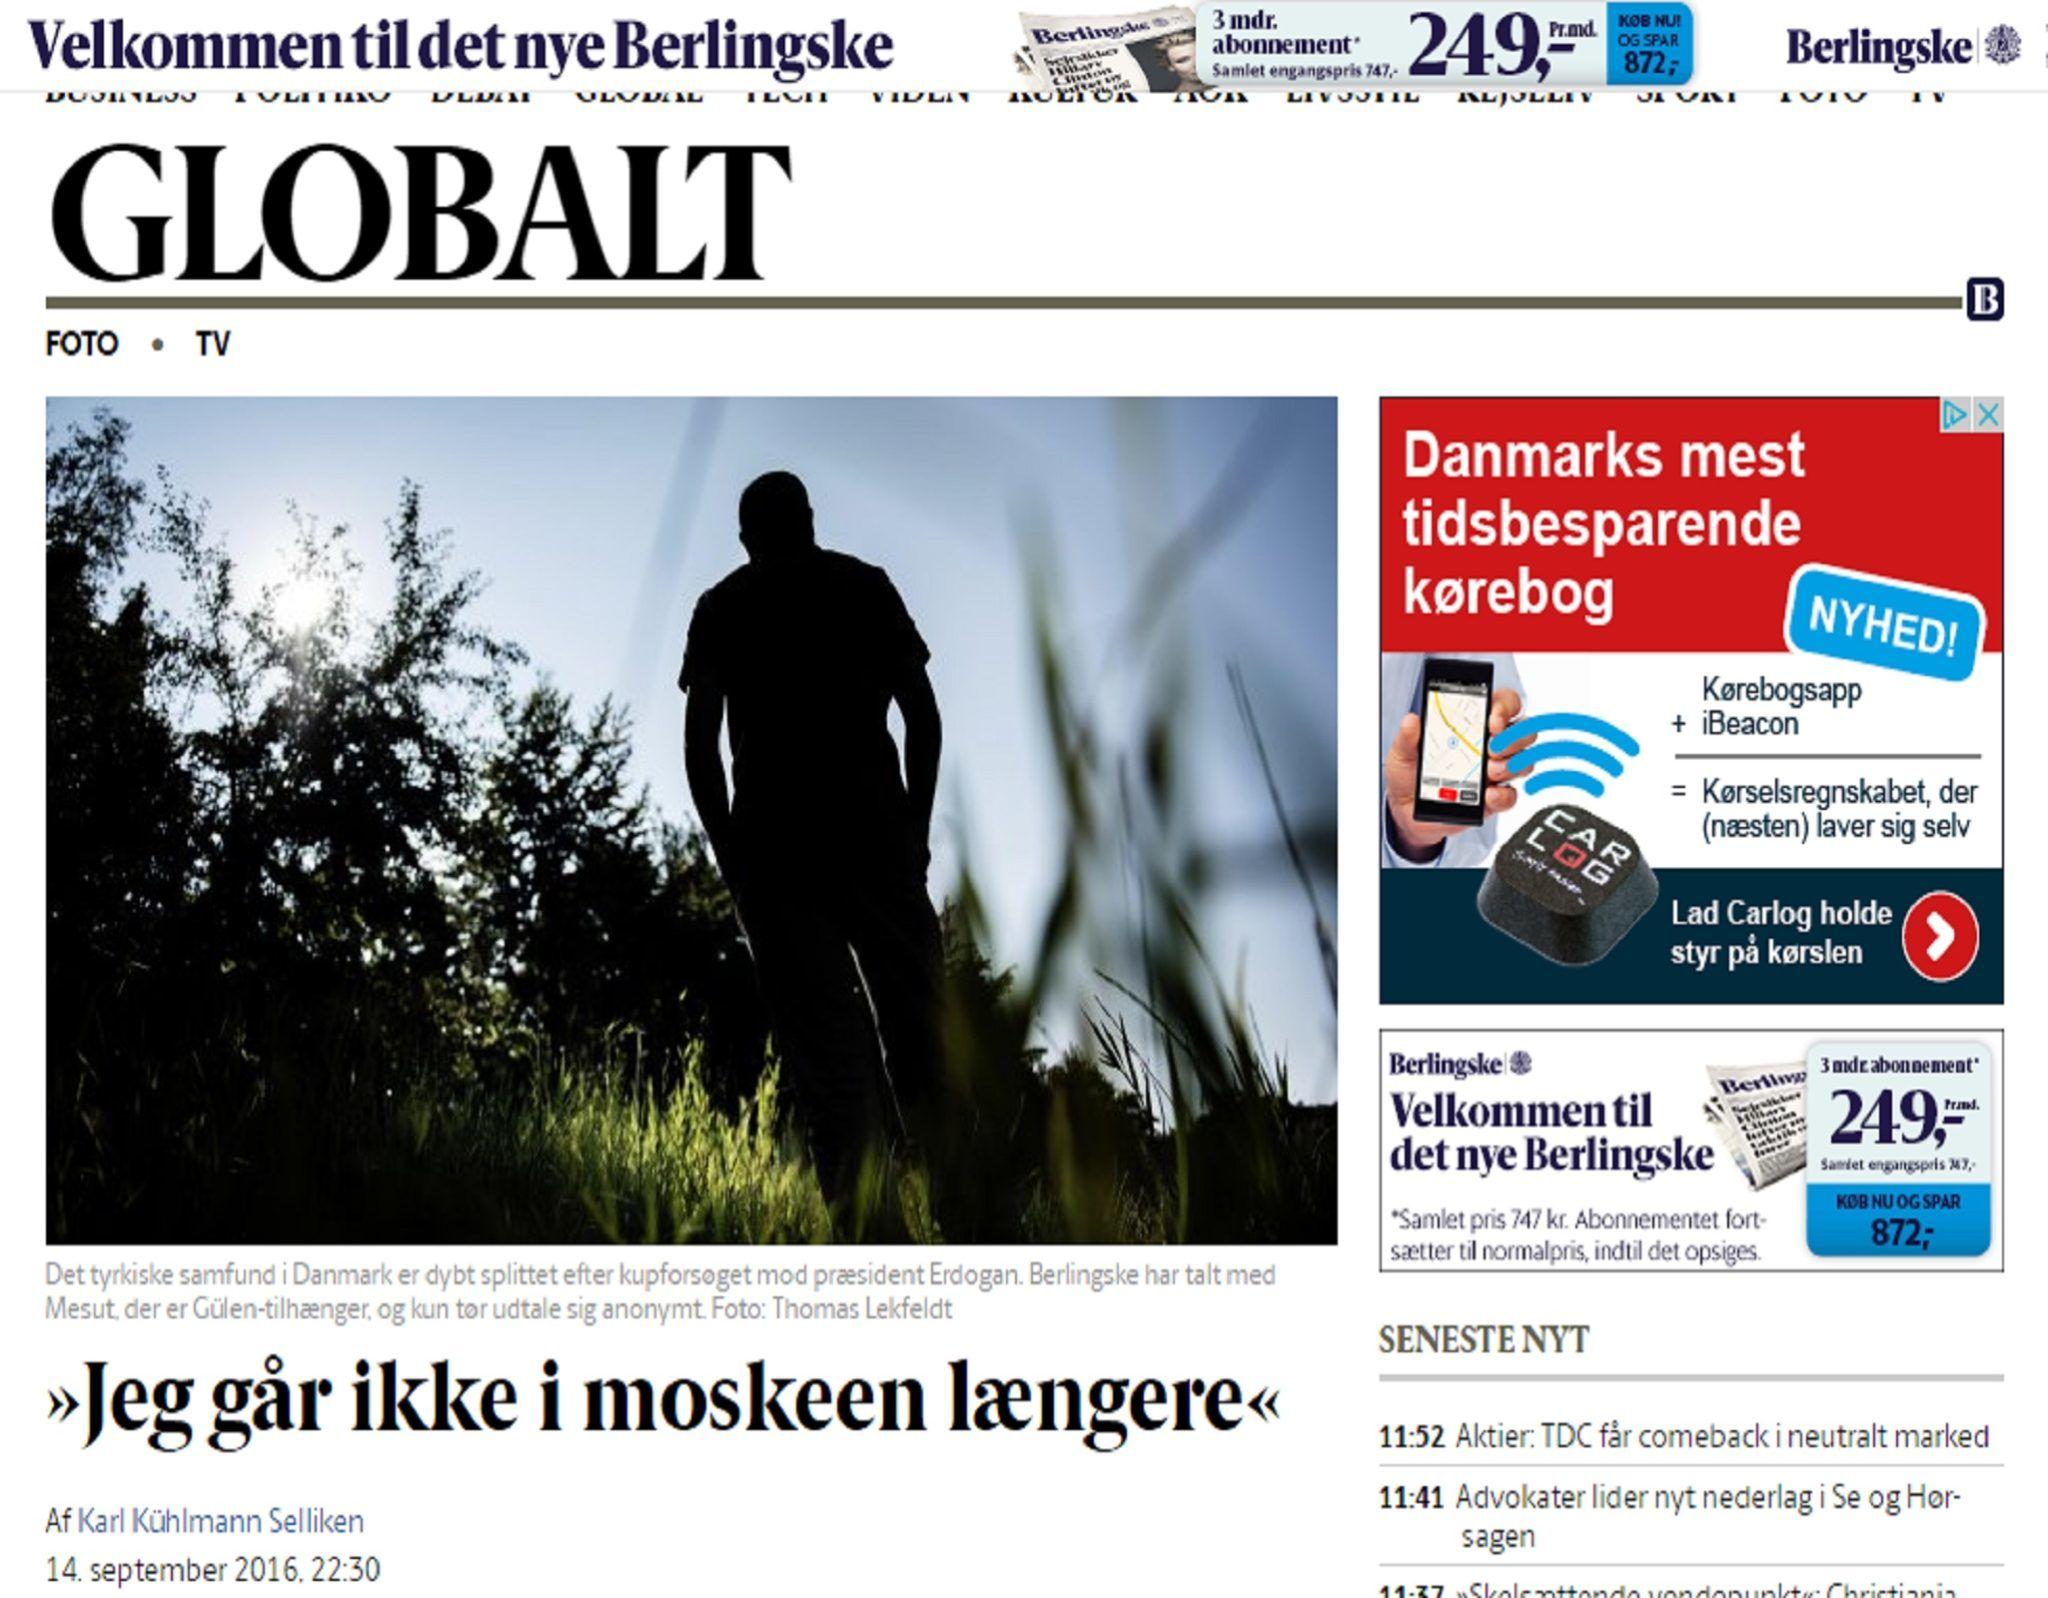 Din düşmanı FETÖ Danimarka basınına camileri şikayet etti Erdoğan'a Hitler dedi